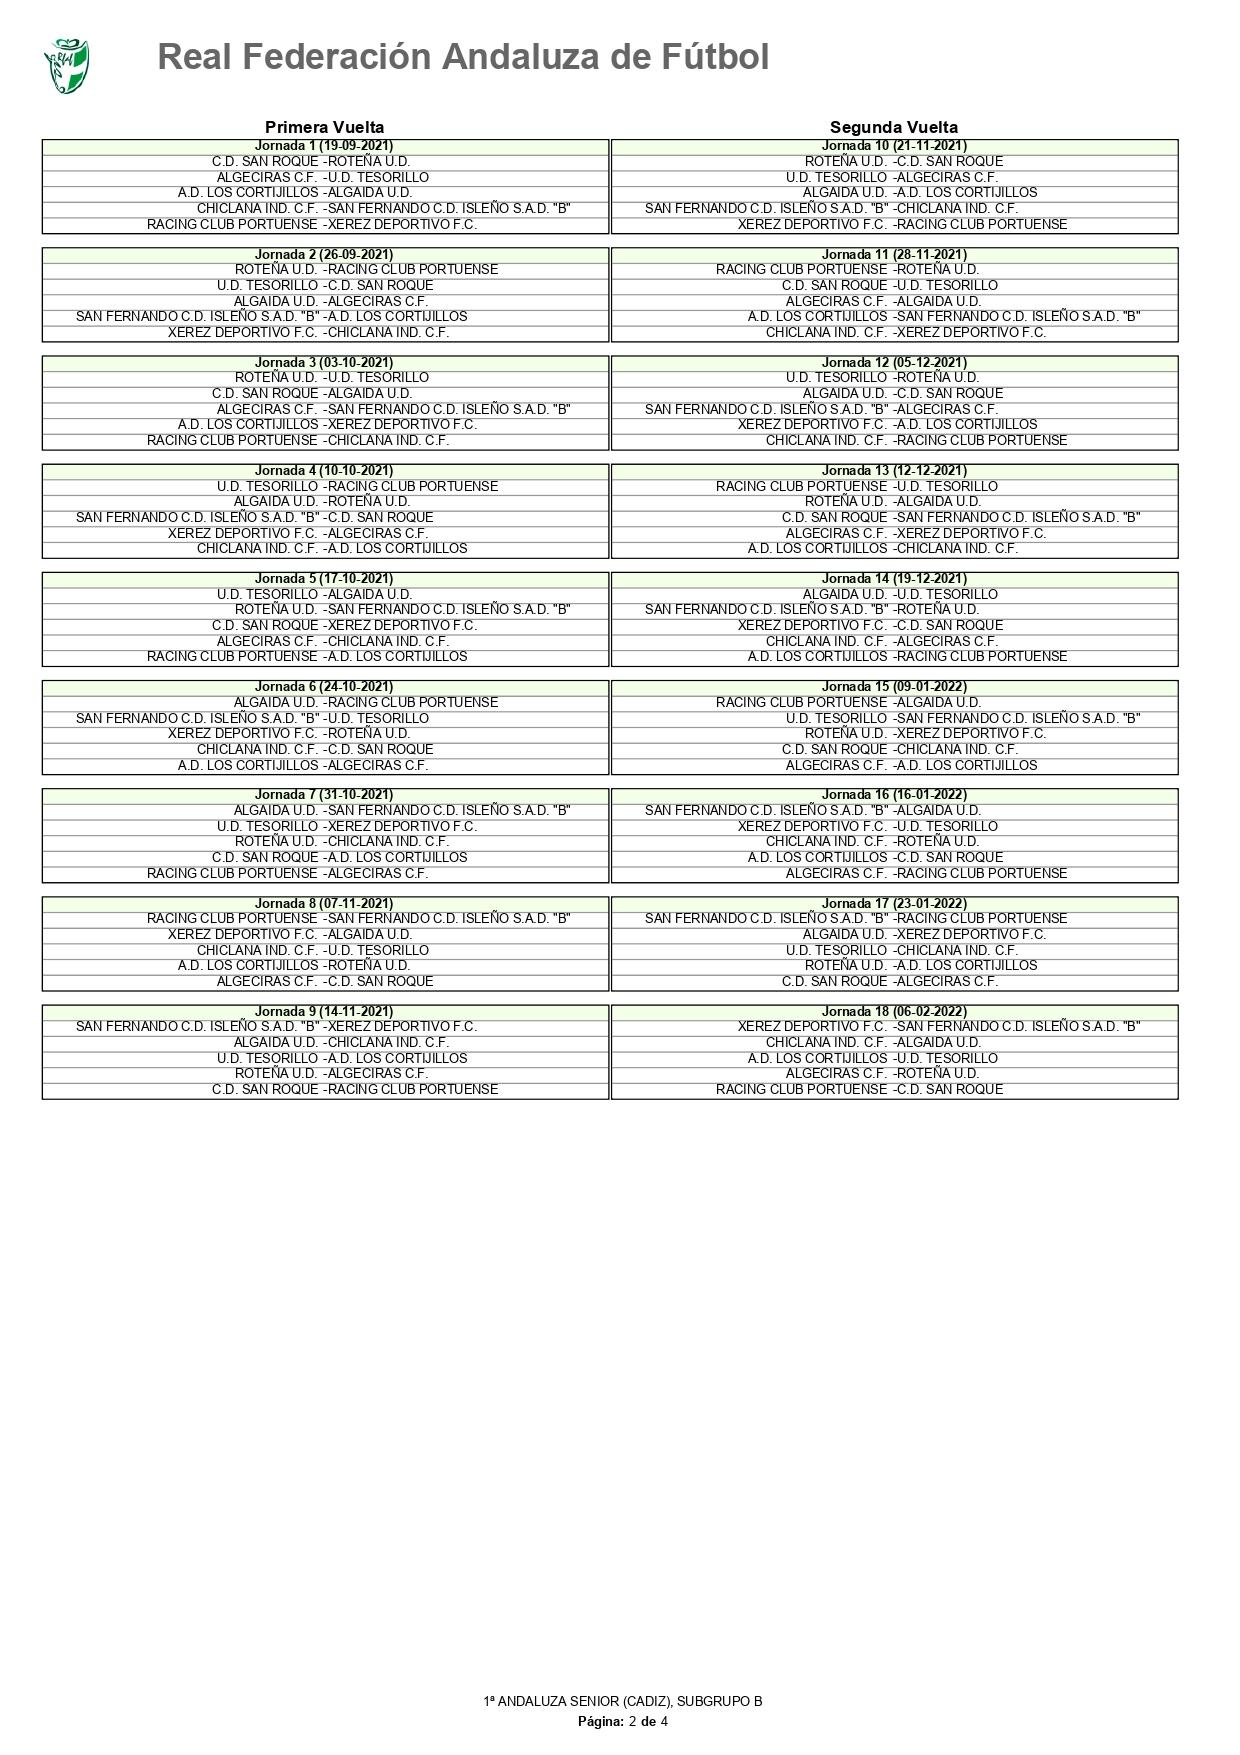 Primera Andaluza 21/22, calendario de competición (subgrupo B)